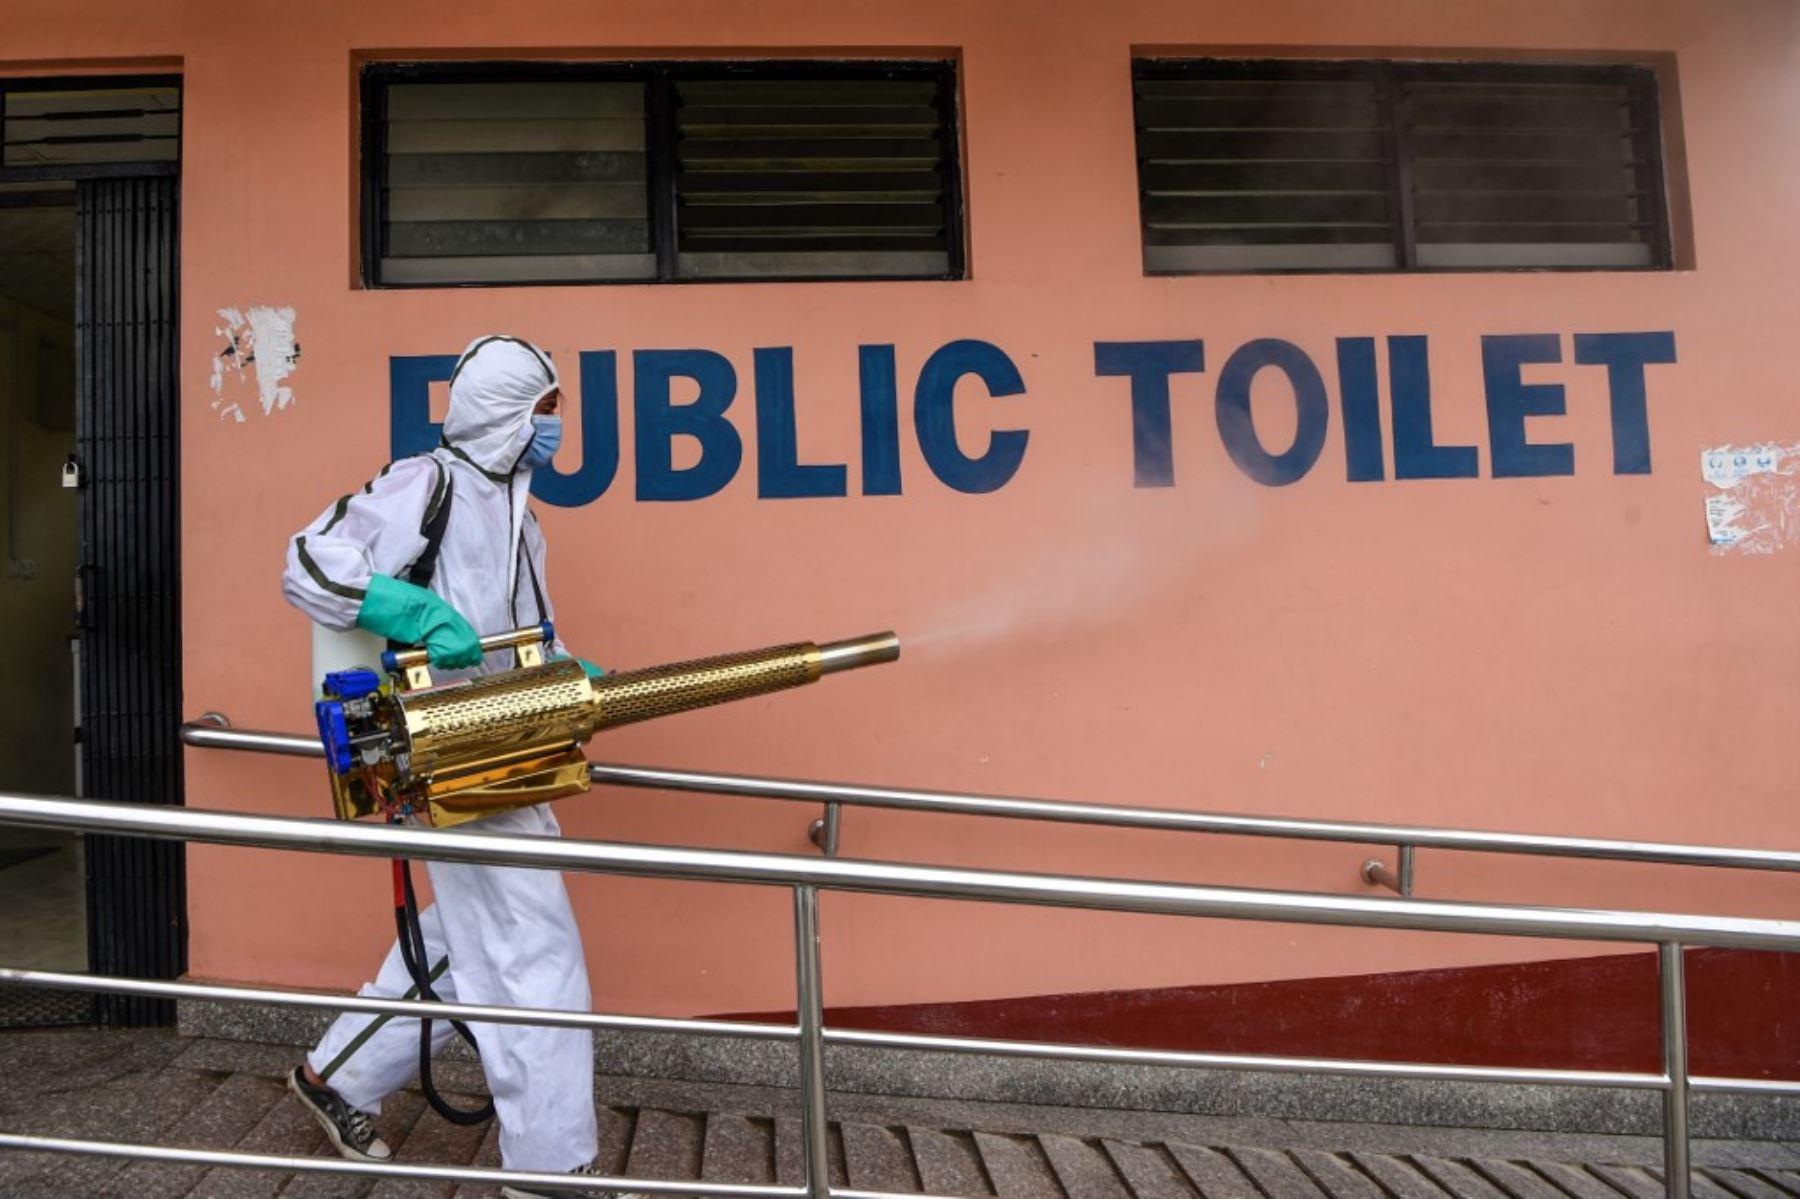 Un trabajador que usa un equipo de protección personal desinfecta los baños públicos en una estación de autobuses mientras el gobierno suaviza las restricciones impuestas como medida preventiva contra el coronavirus Covid-19.Foto:AFP